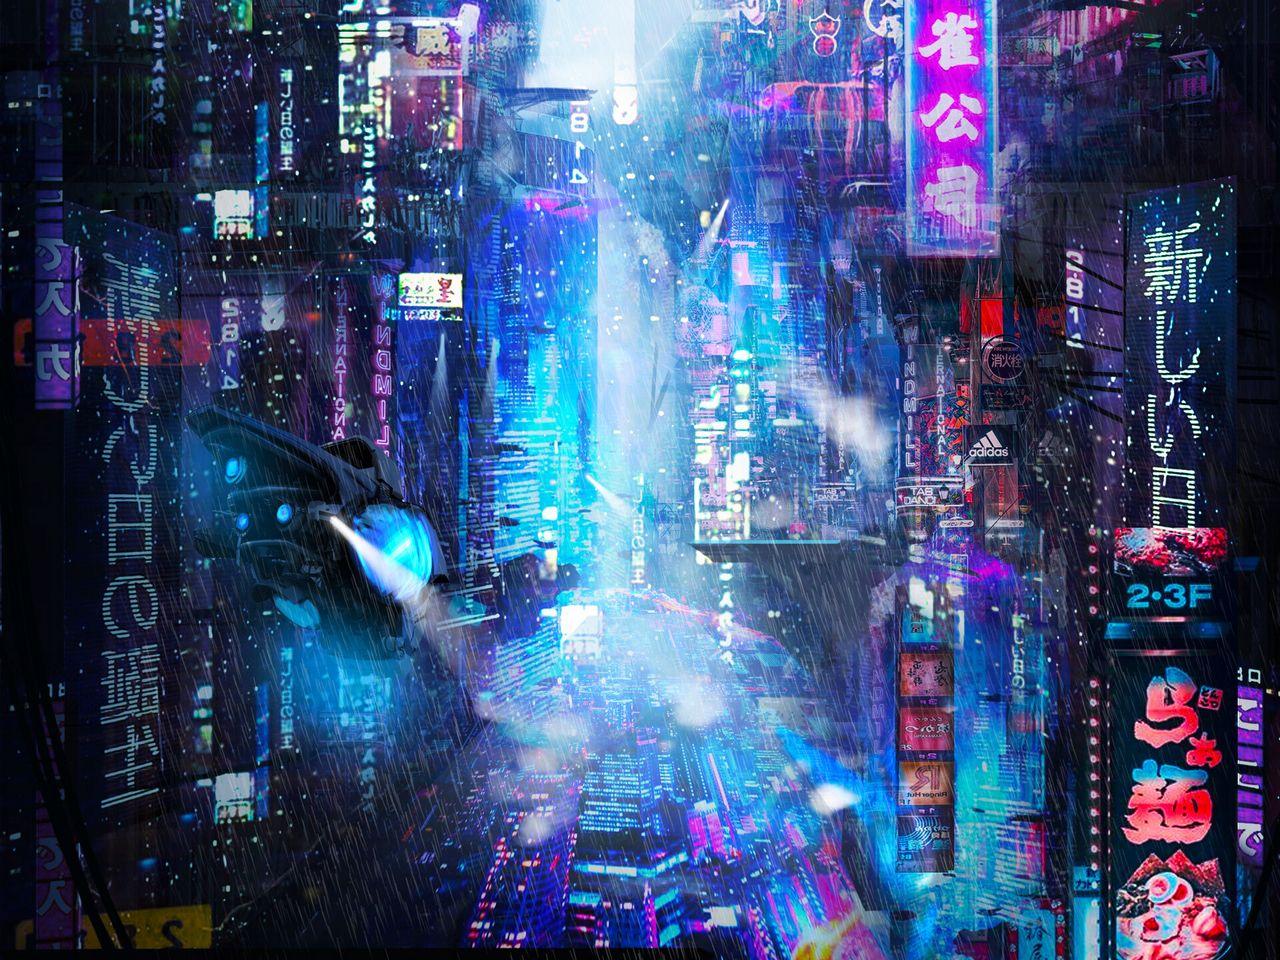 1280x960 Wallpaper future, neon, city, rain